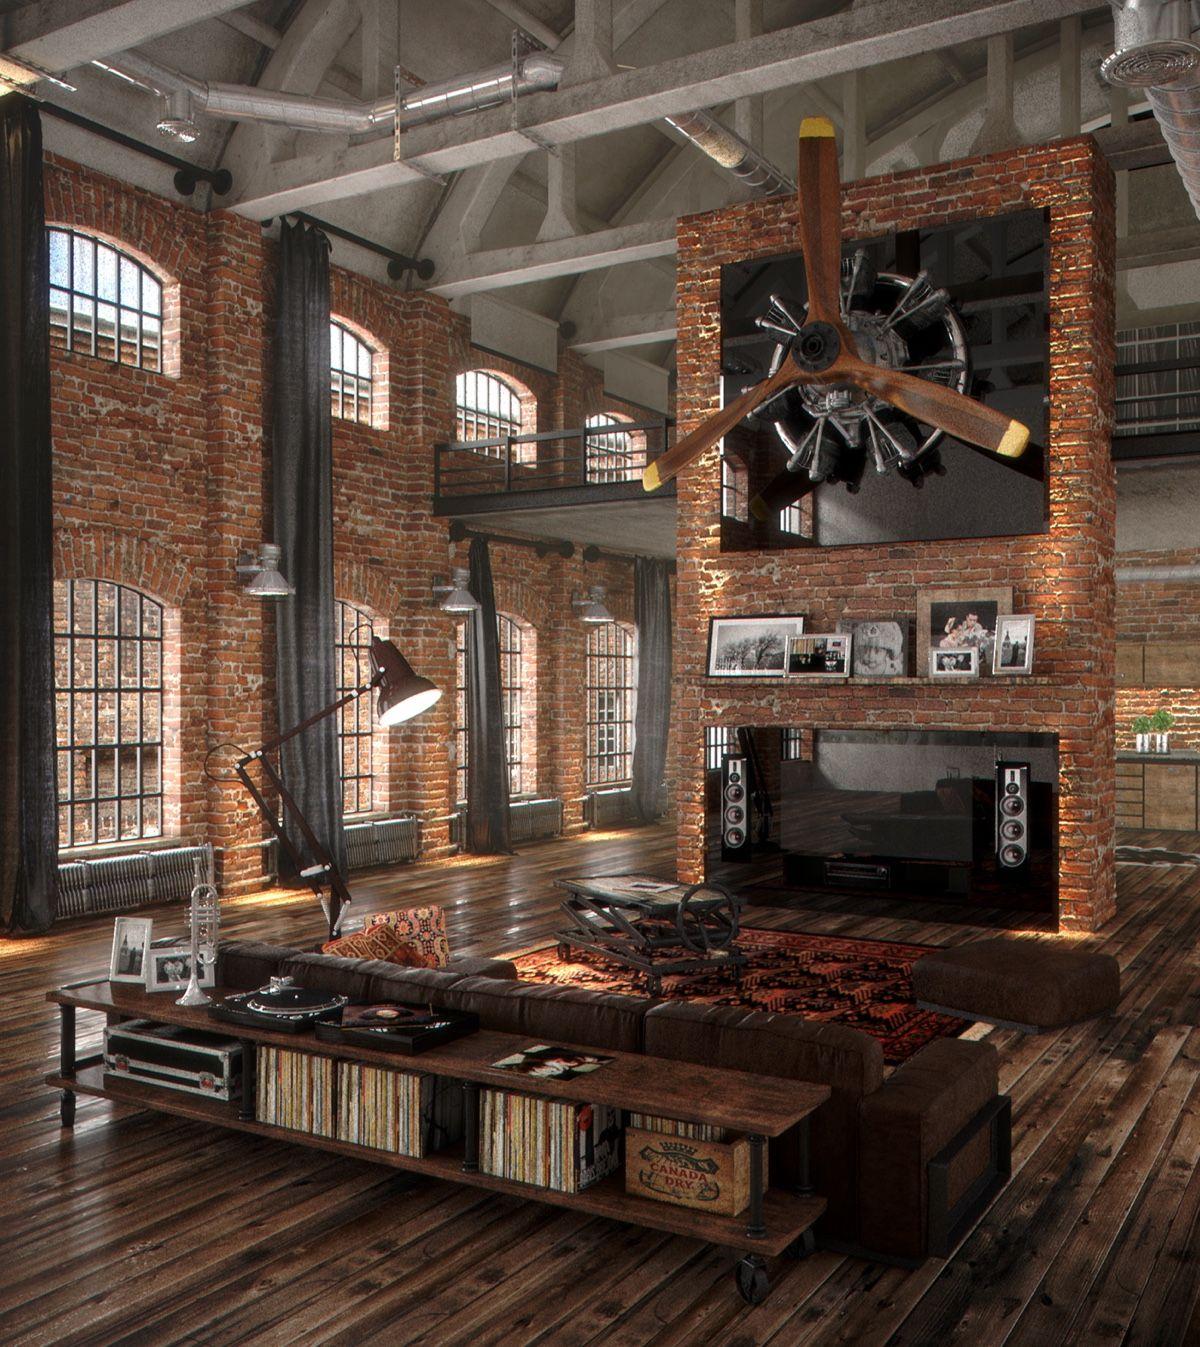 Loft con decoraci n vintage industrial chic vintage - Decoracion vintage industrial ...